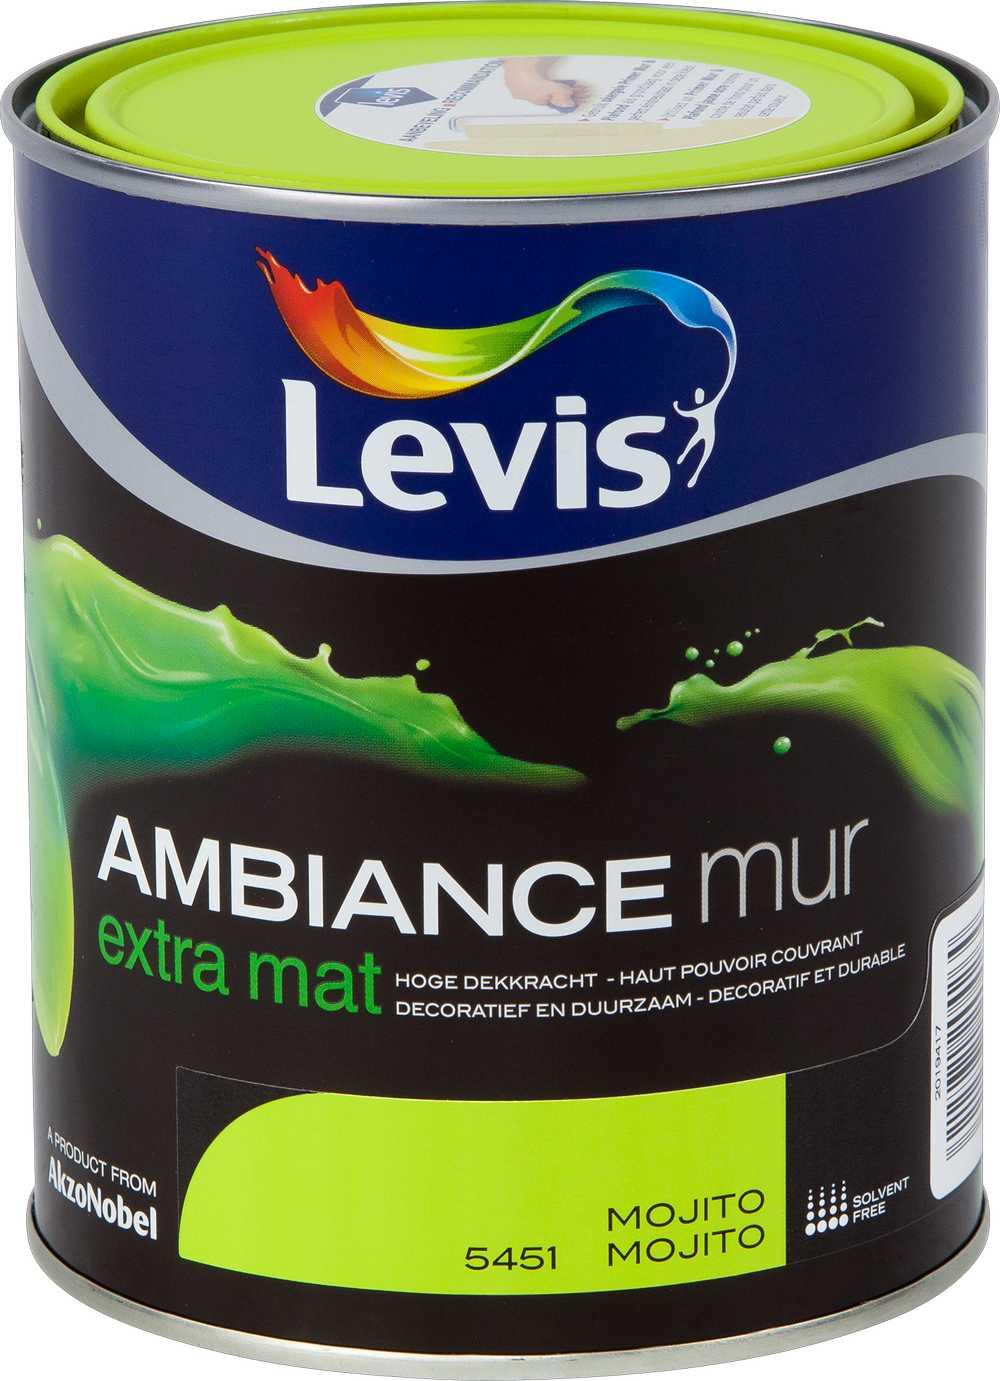 AMBIANCE MUR EXTRA MAT - MOJITO 5451 1 L